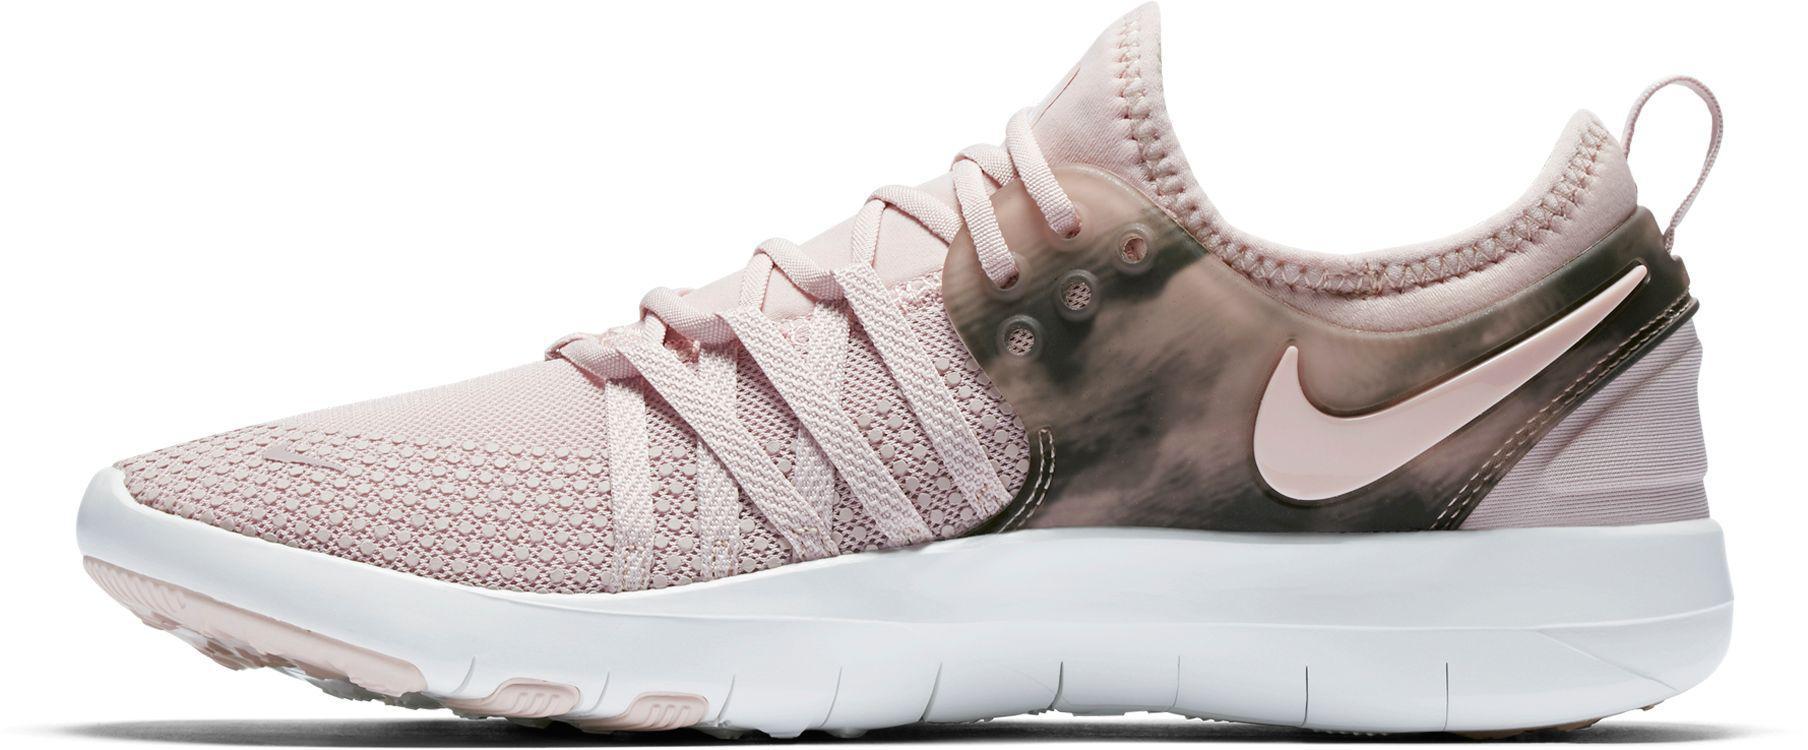 0f66466ea88b Lyst - Nike Free Tr 7 Bionic Training Shoes